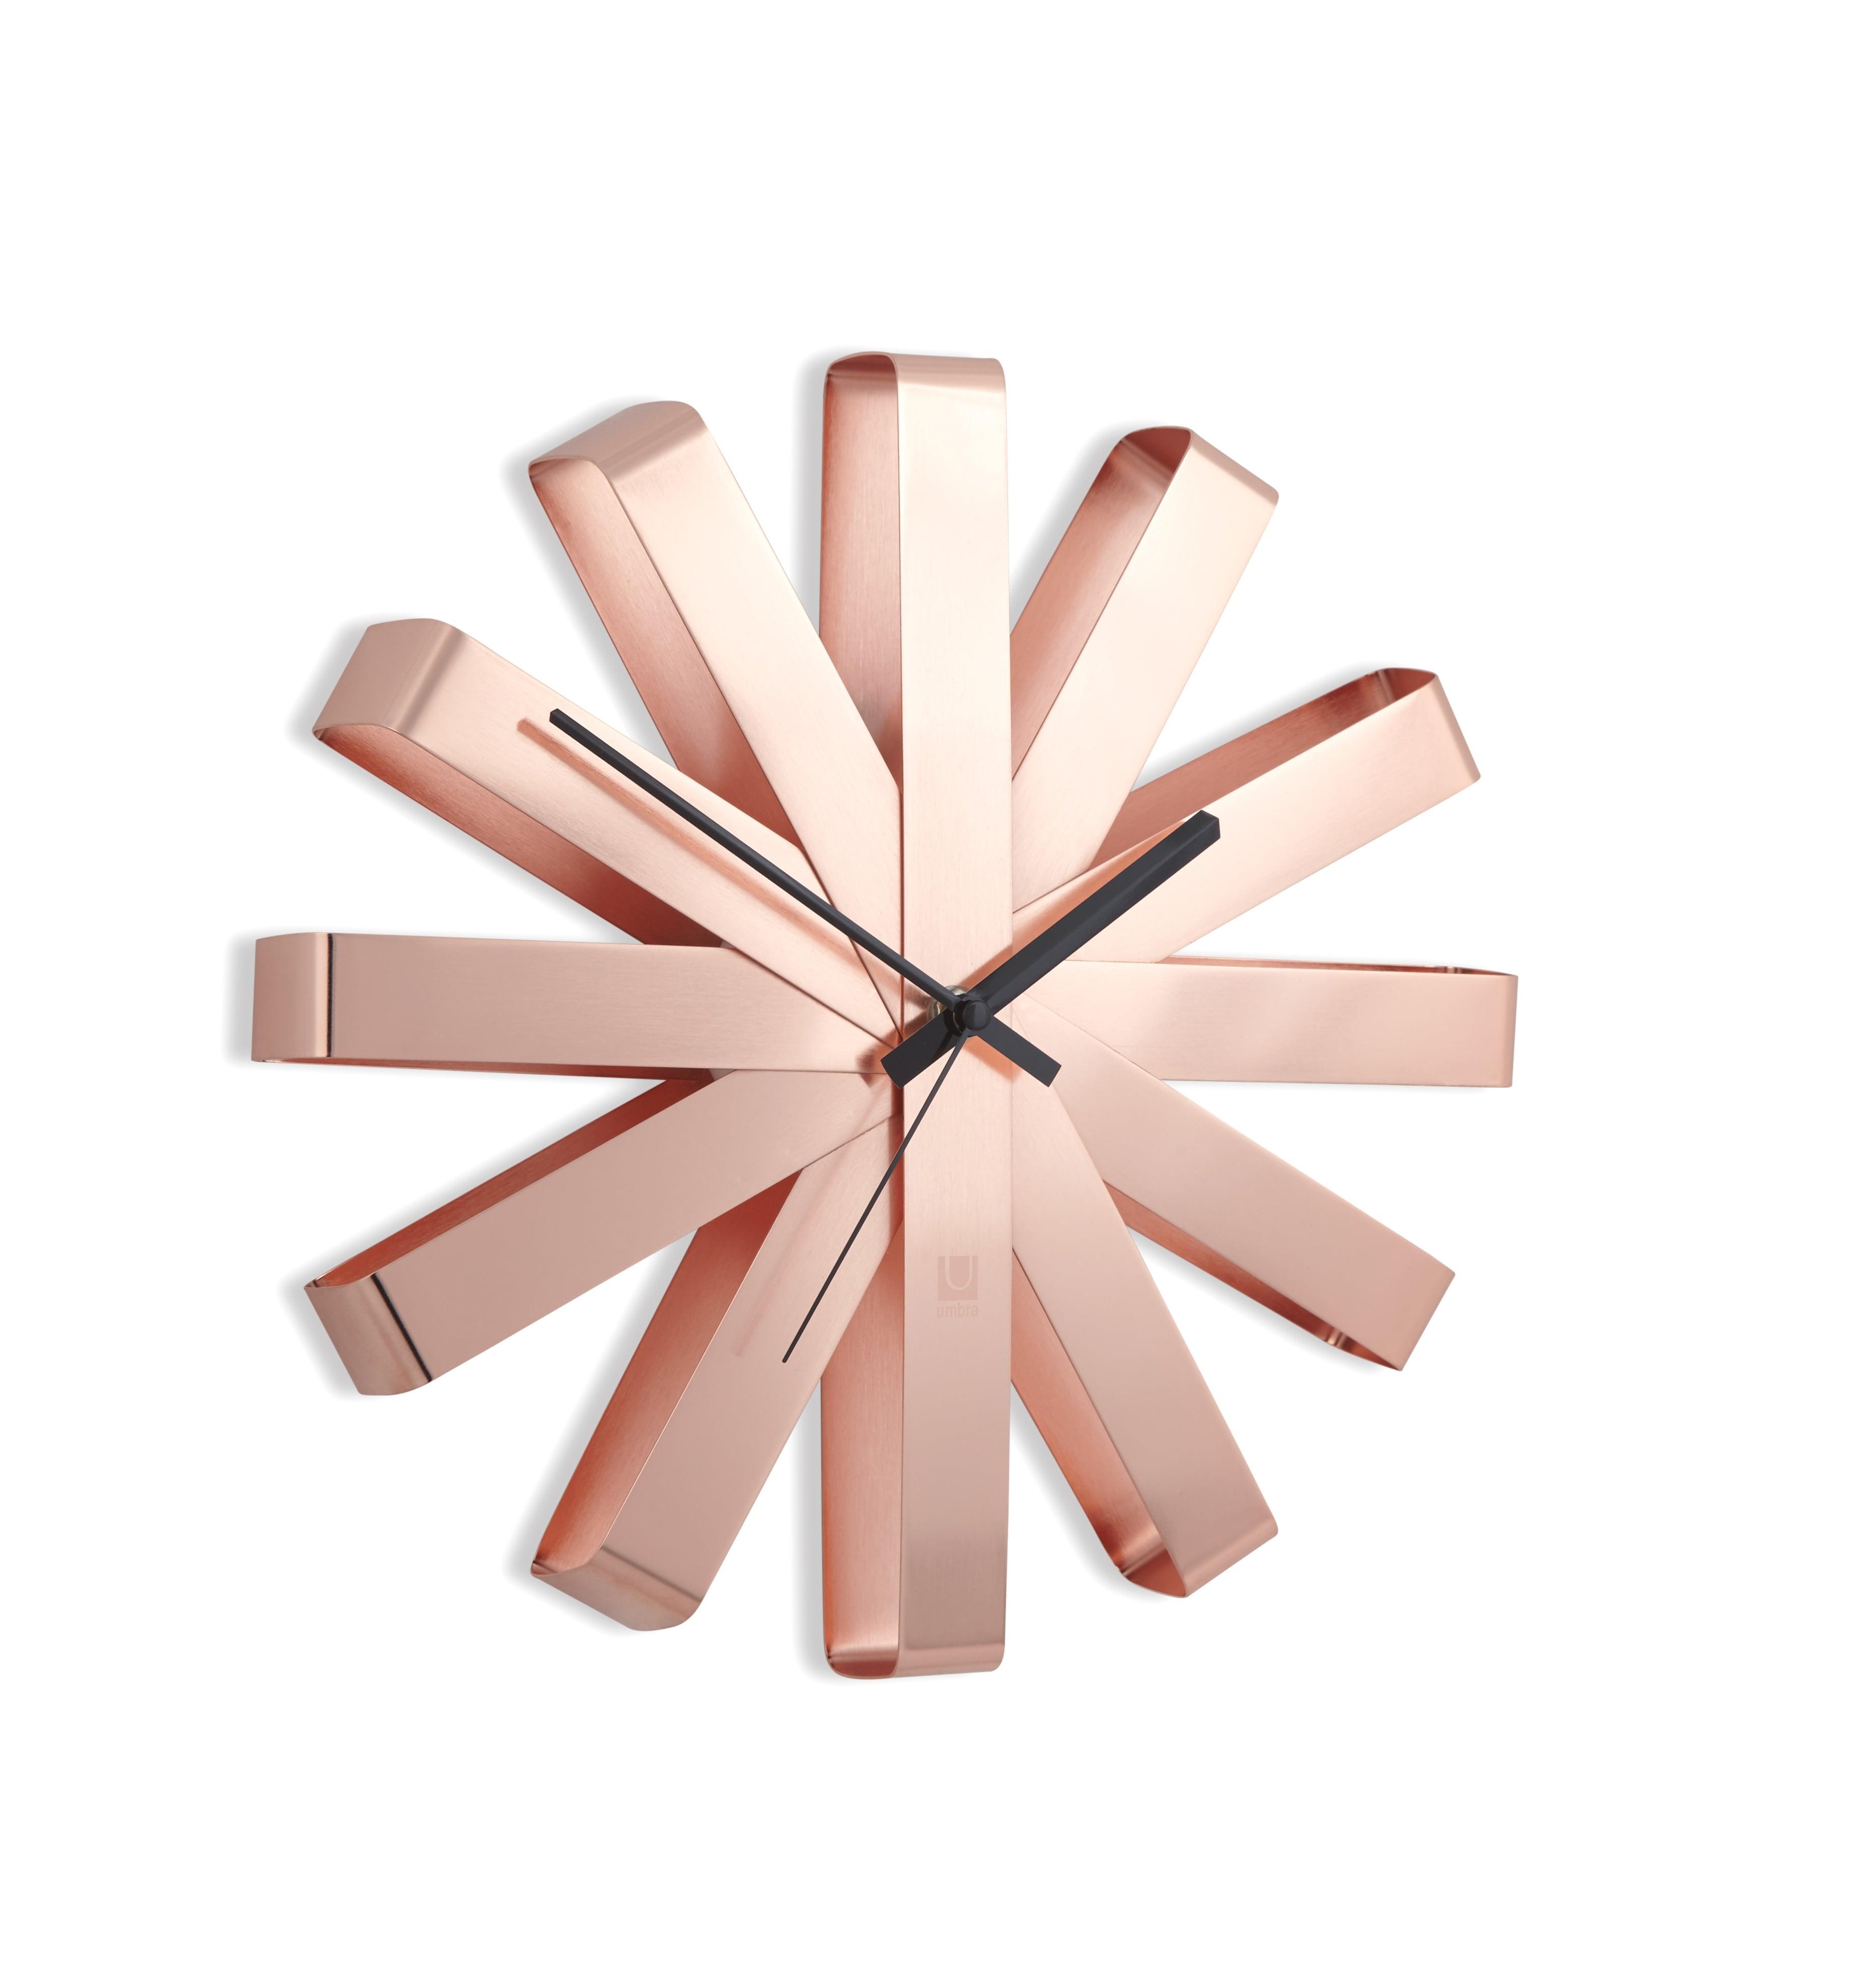 Horloge murale design rose en alu pour une décoration contemporaine